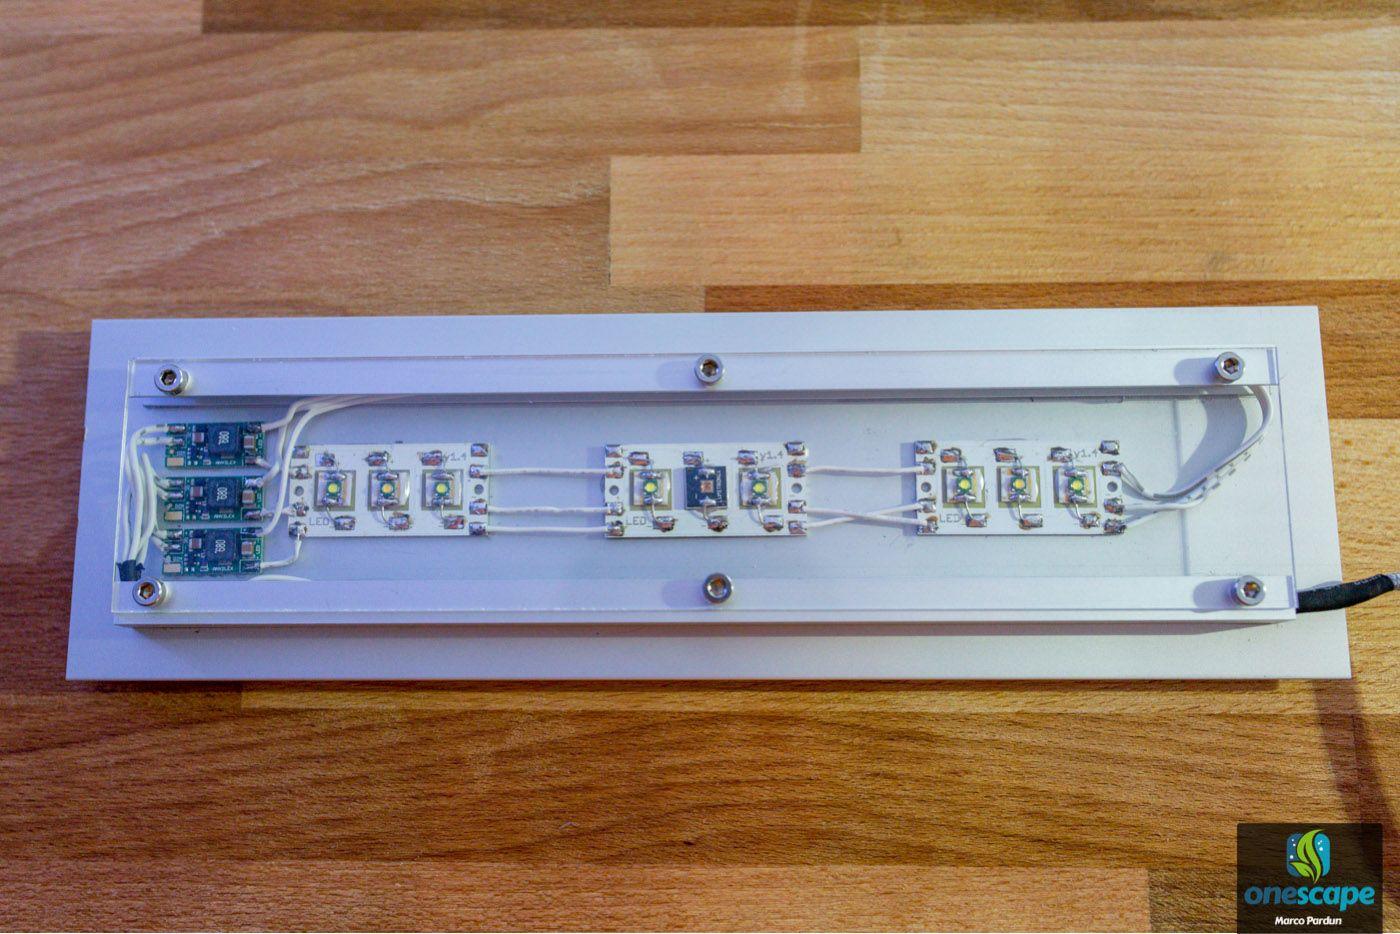 Full Size of Deckenleuchte Selber Bauen Led Anleitung Holz Lampe Spots Indirekte Beleuchtung Deckenlampe Treibholz Deckenlampen 19 Genial Deckenleuchten Küche Schlafzimmer Wohnzimmer Deckenleuchte Selber Bauen